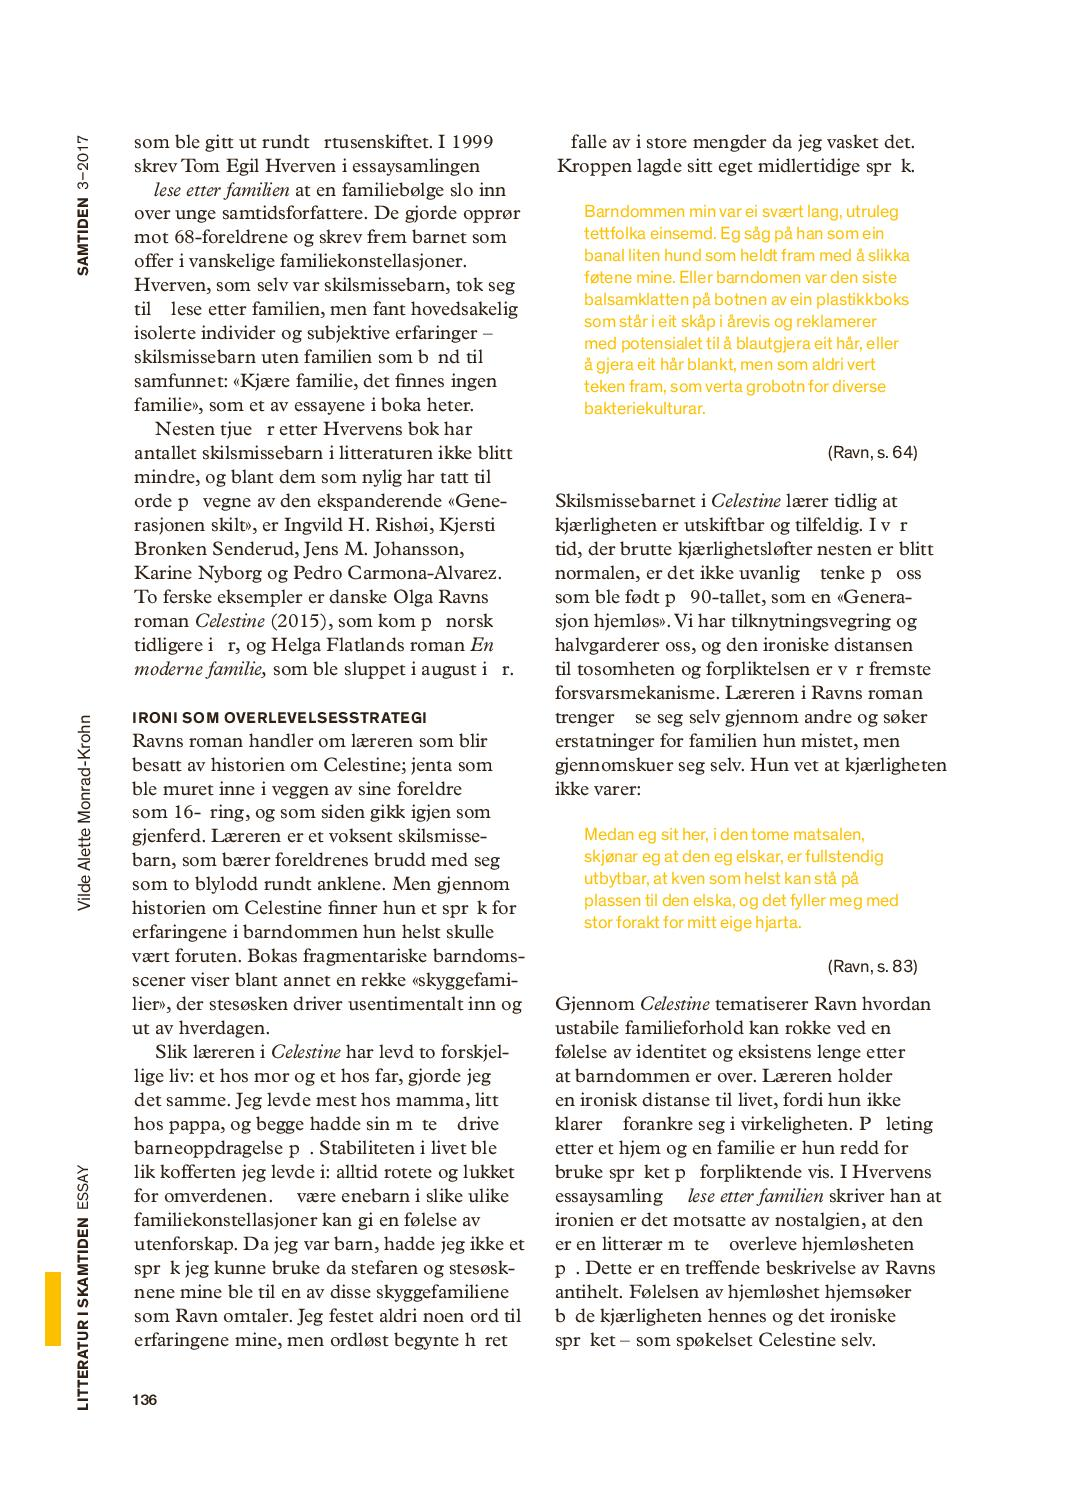 Skilsmissespraaket (1)-page-003.jpg